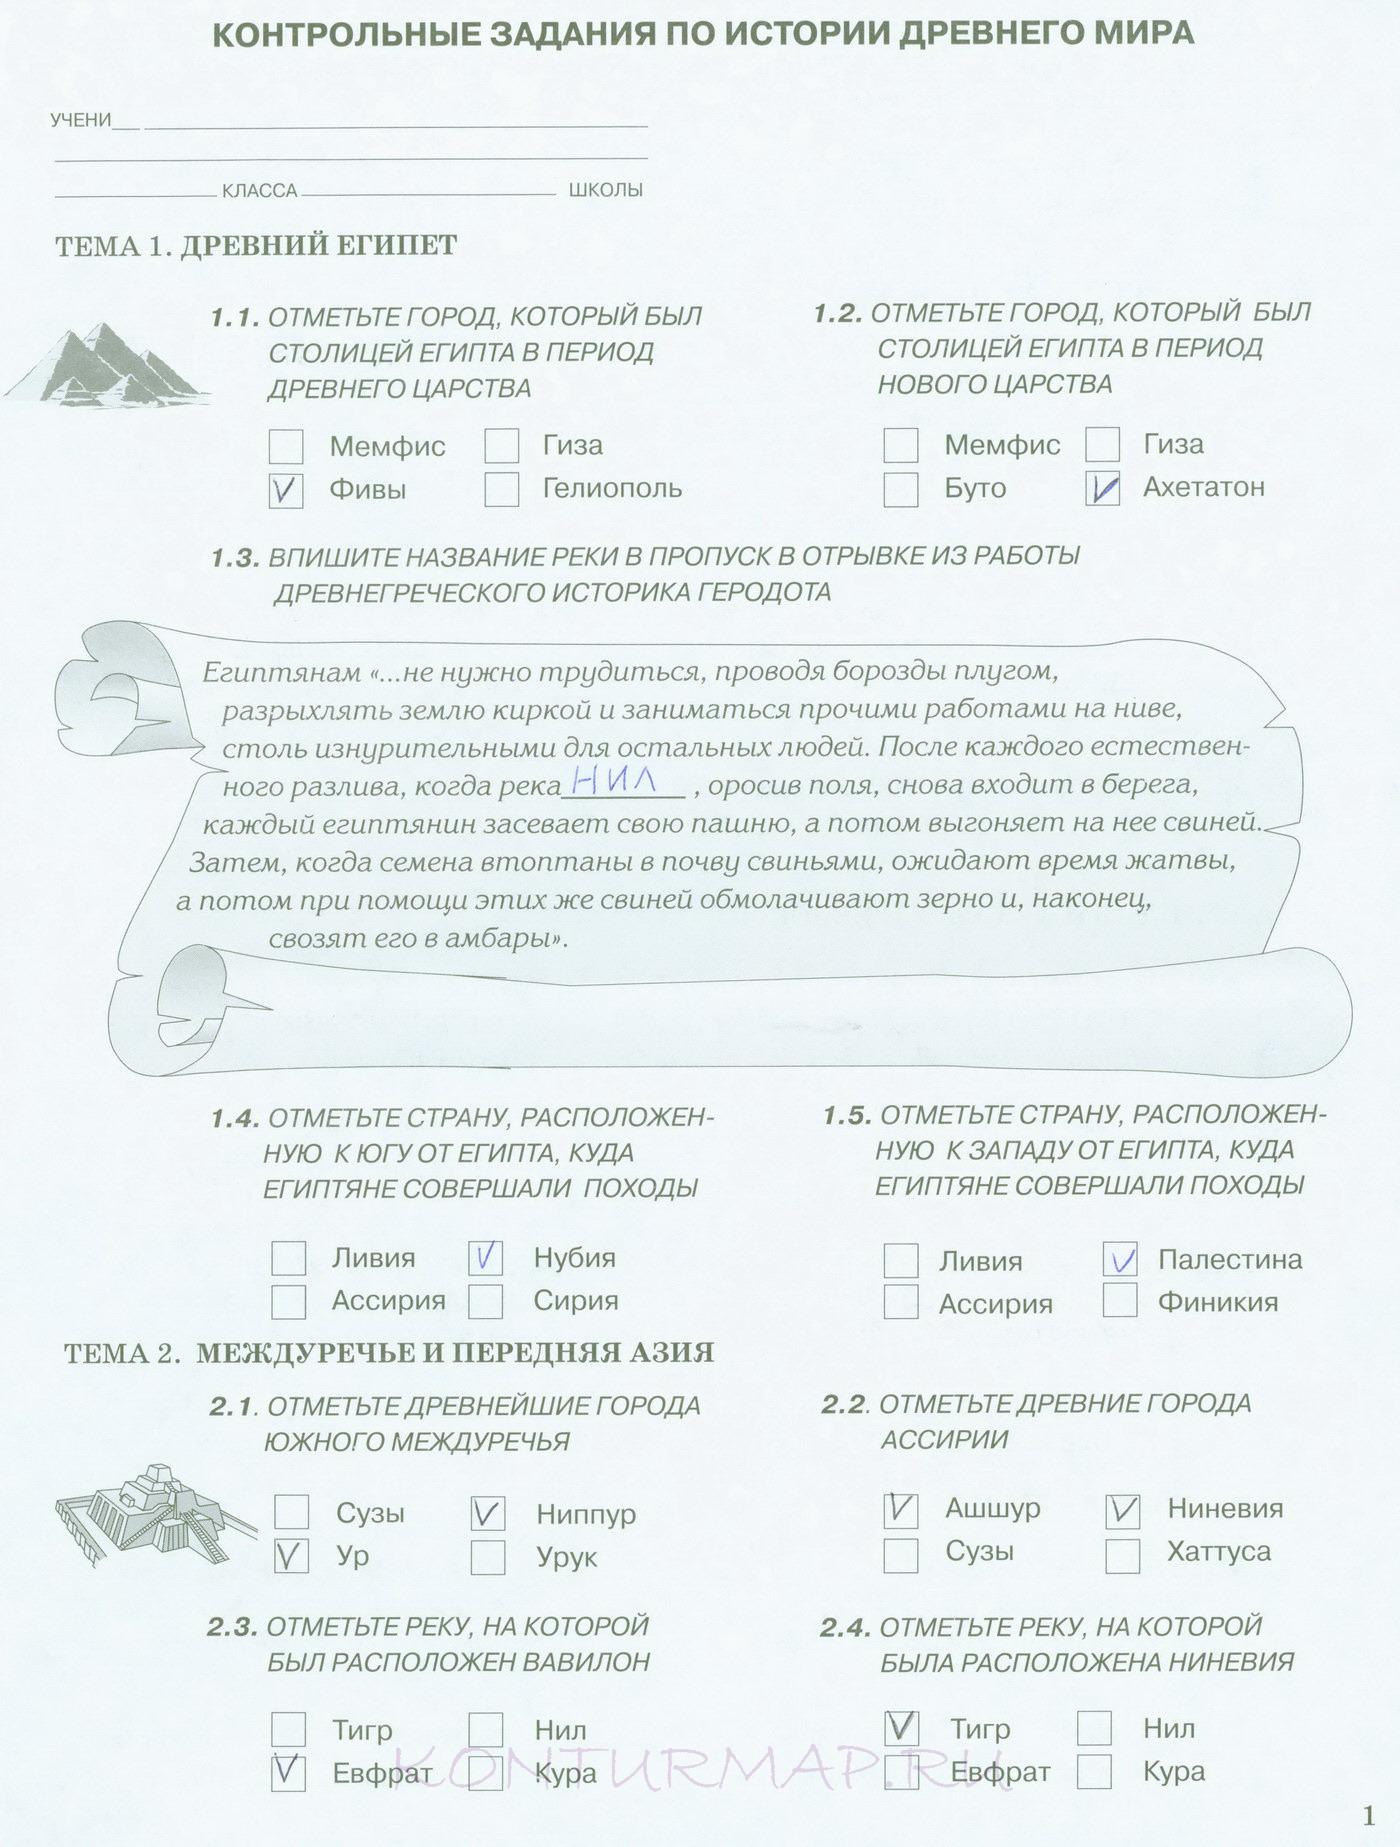 Контрольные задания гдз Контрольные задания по истории Древнего мира 5 класс ответы на вопросы ГДЗ ответы на вопросы контрольных заданий по истории Древнего мира 5 класс